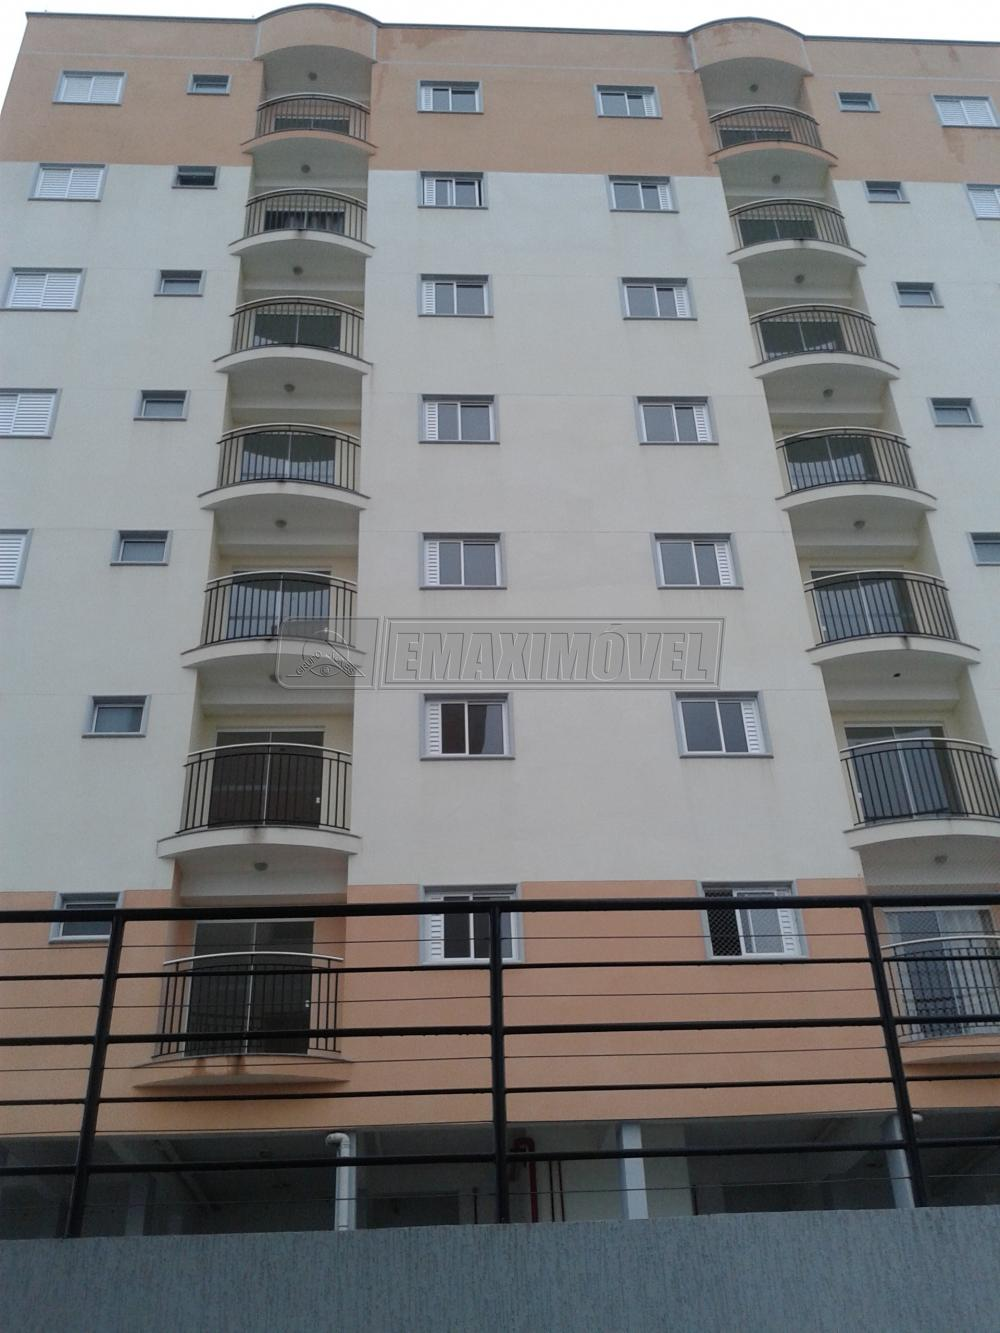 Comprar Apartamento / Cobertura em Sorocaba R$ 254.000,00 - Foto 1